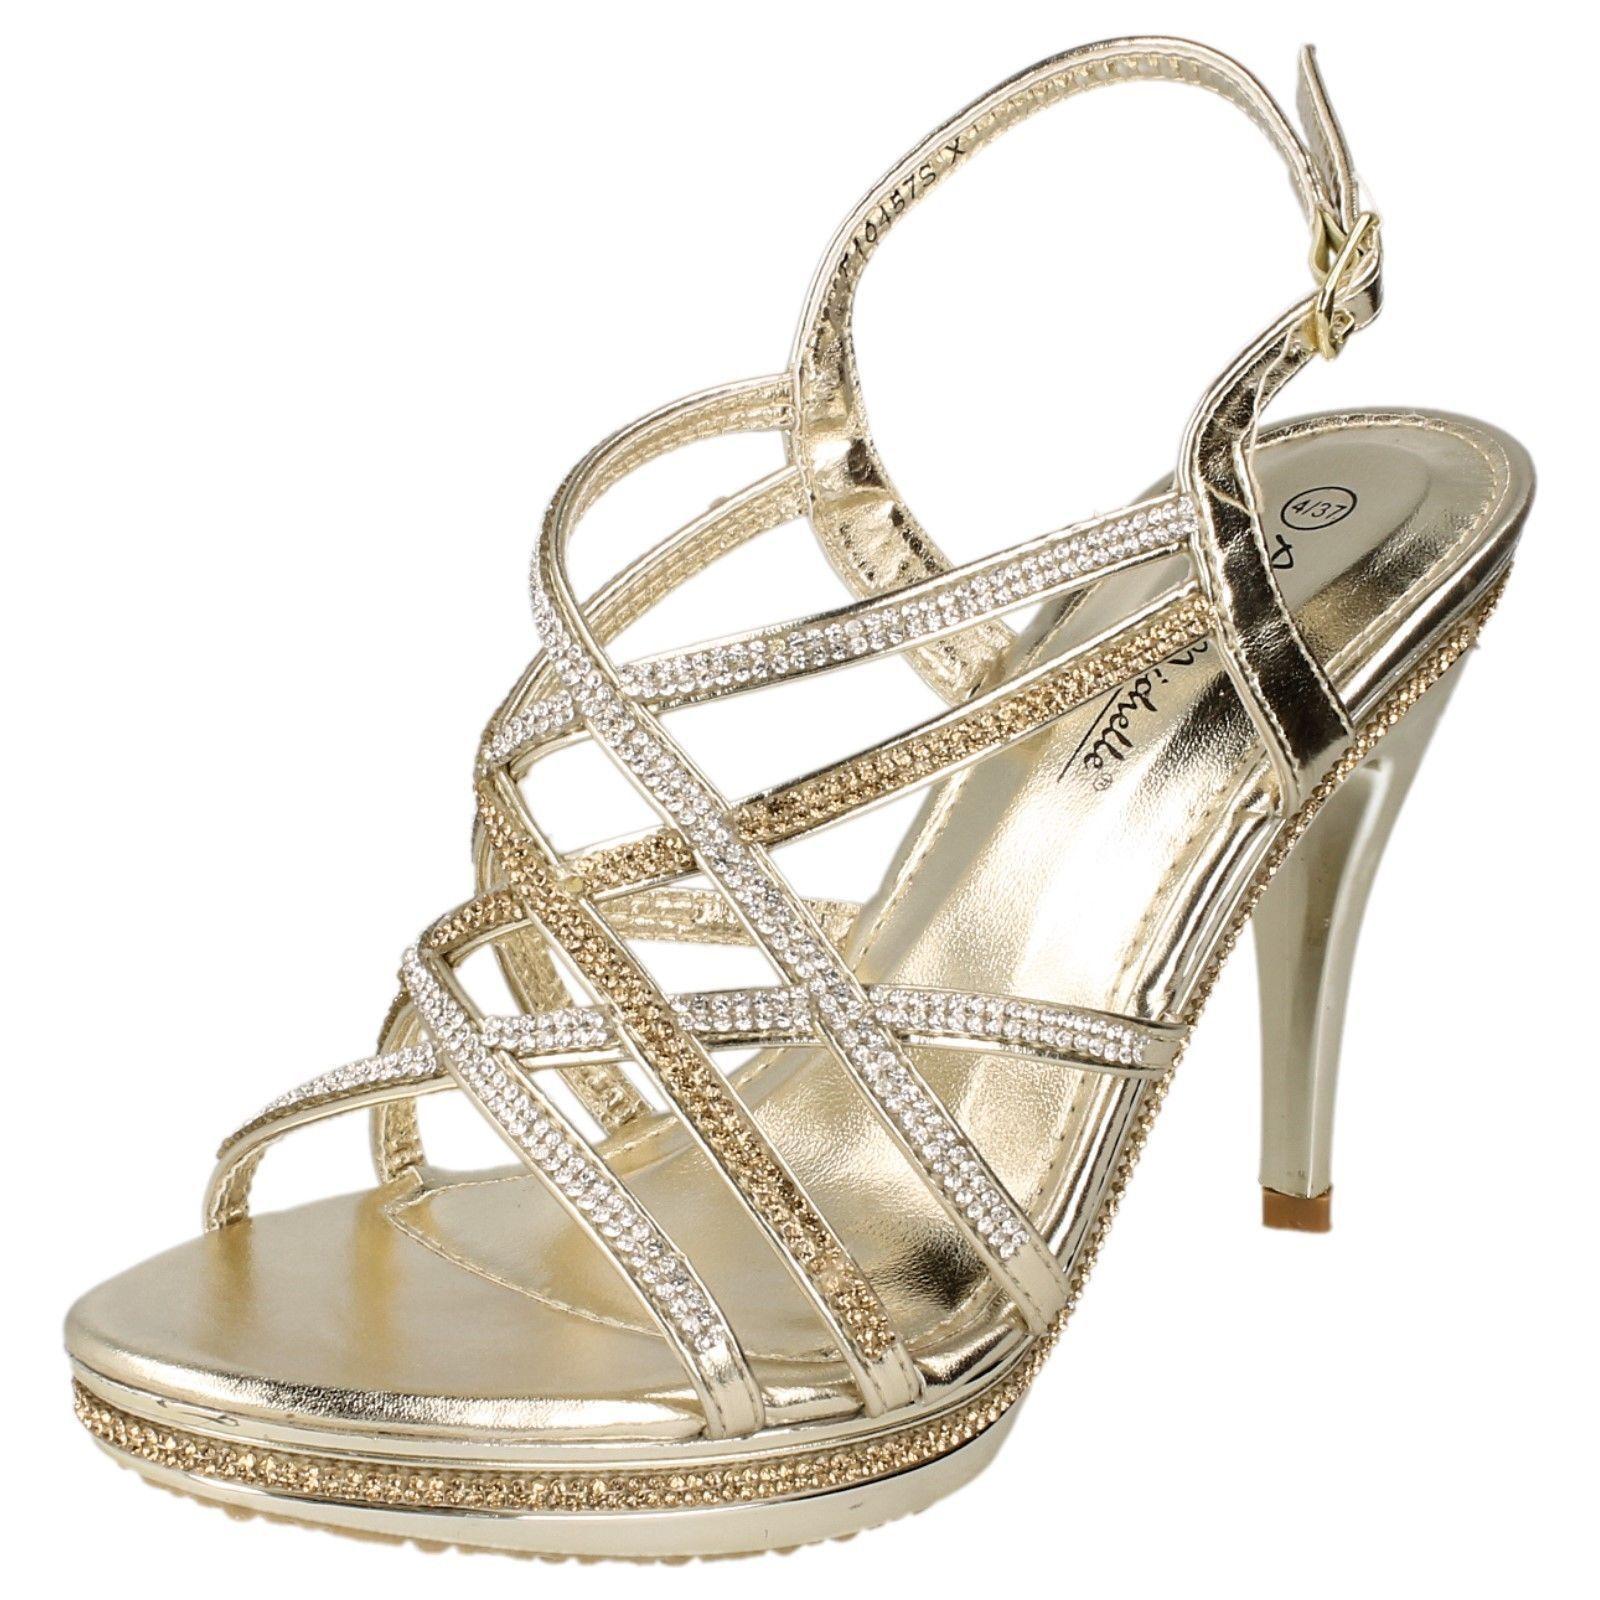 LADIES ANNE MICHELLE GOLD DIAMANTE SANDALS HIGH HEEL EVENING WEDDING SANDALS DIAMANTE SIZE F10457 5ffd3c